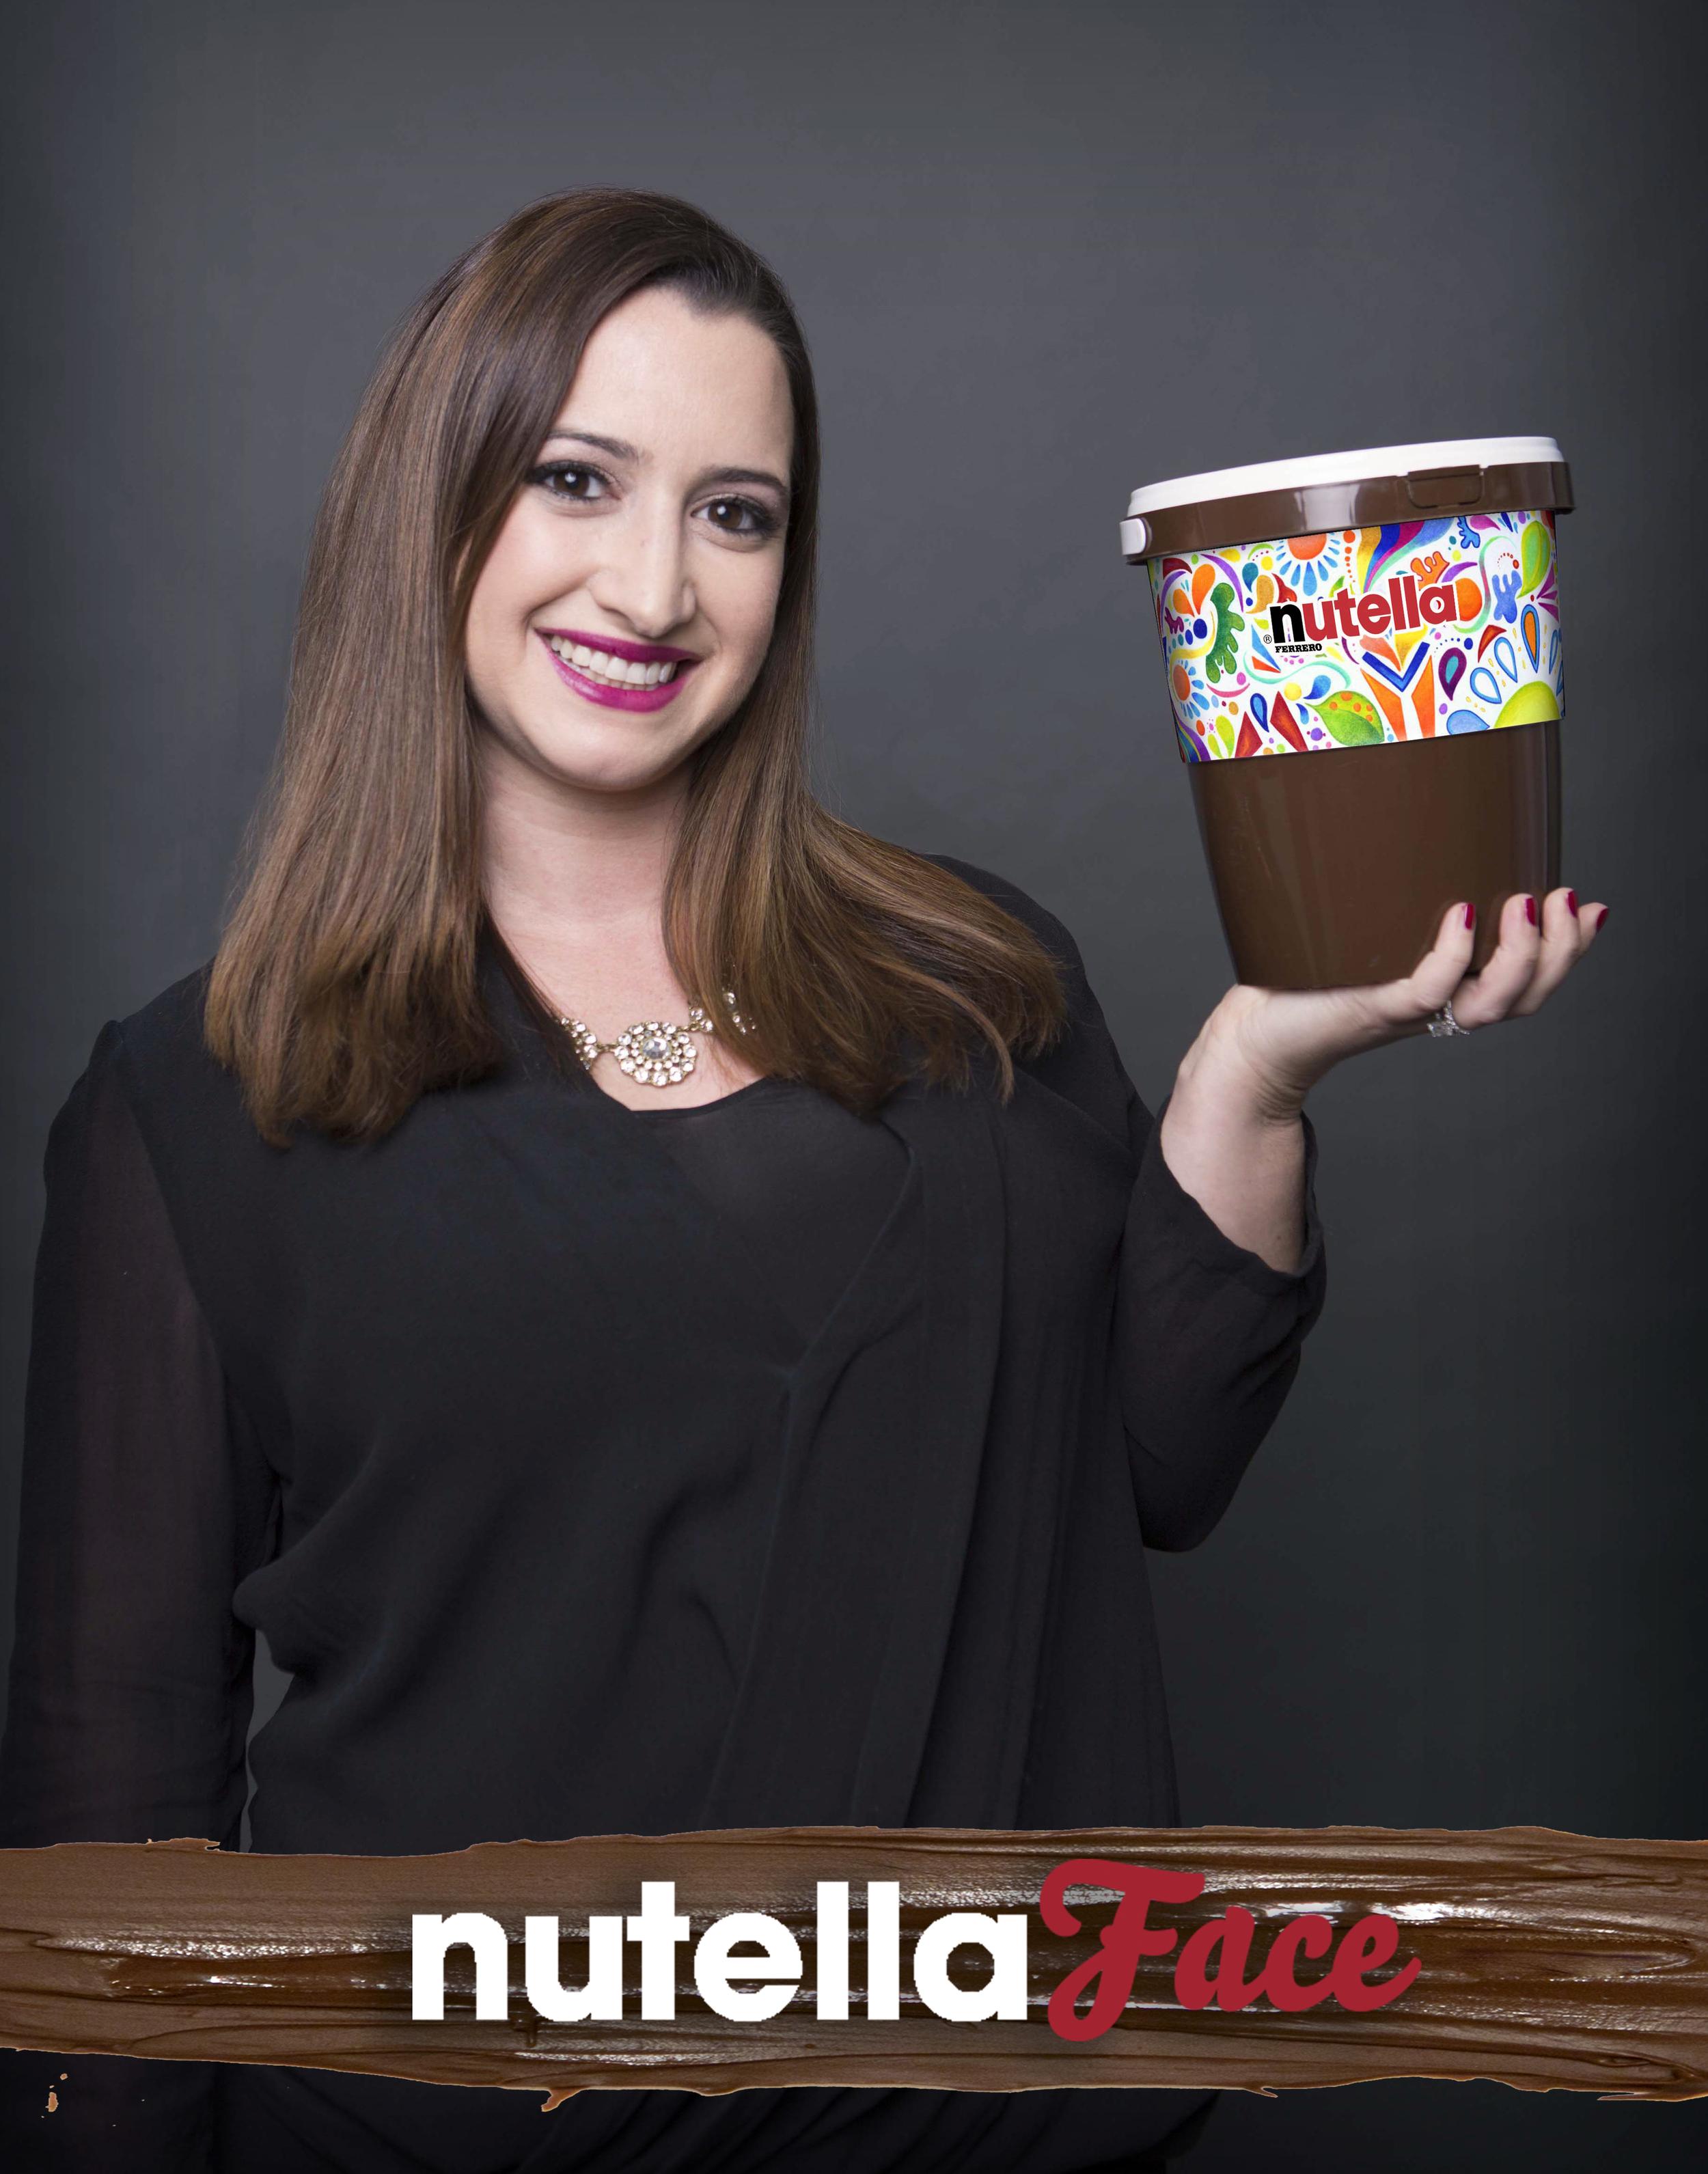 NutellaFace